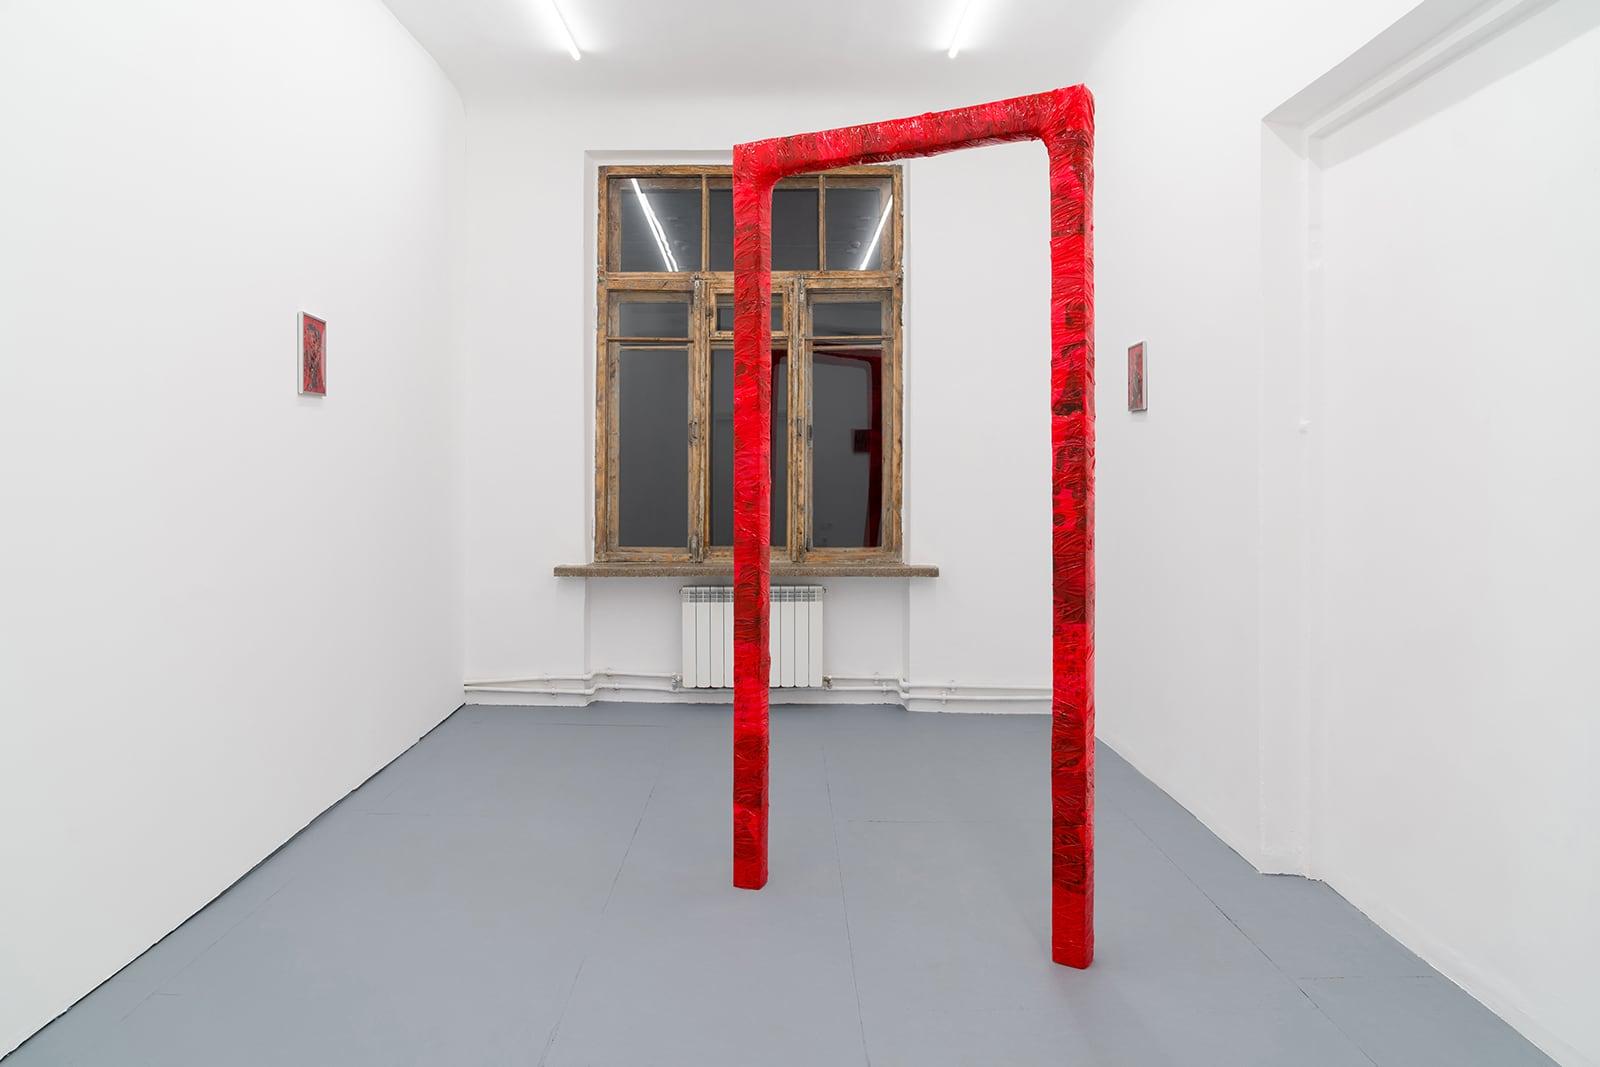 Виталий Безпалов, The Arch, 2021, сольная выставка Quintessence II в Plague Space, Краснодар. Вид экпозиции